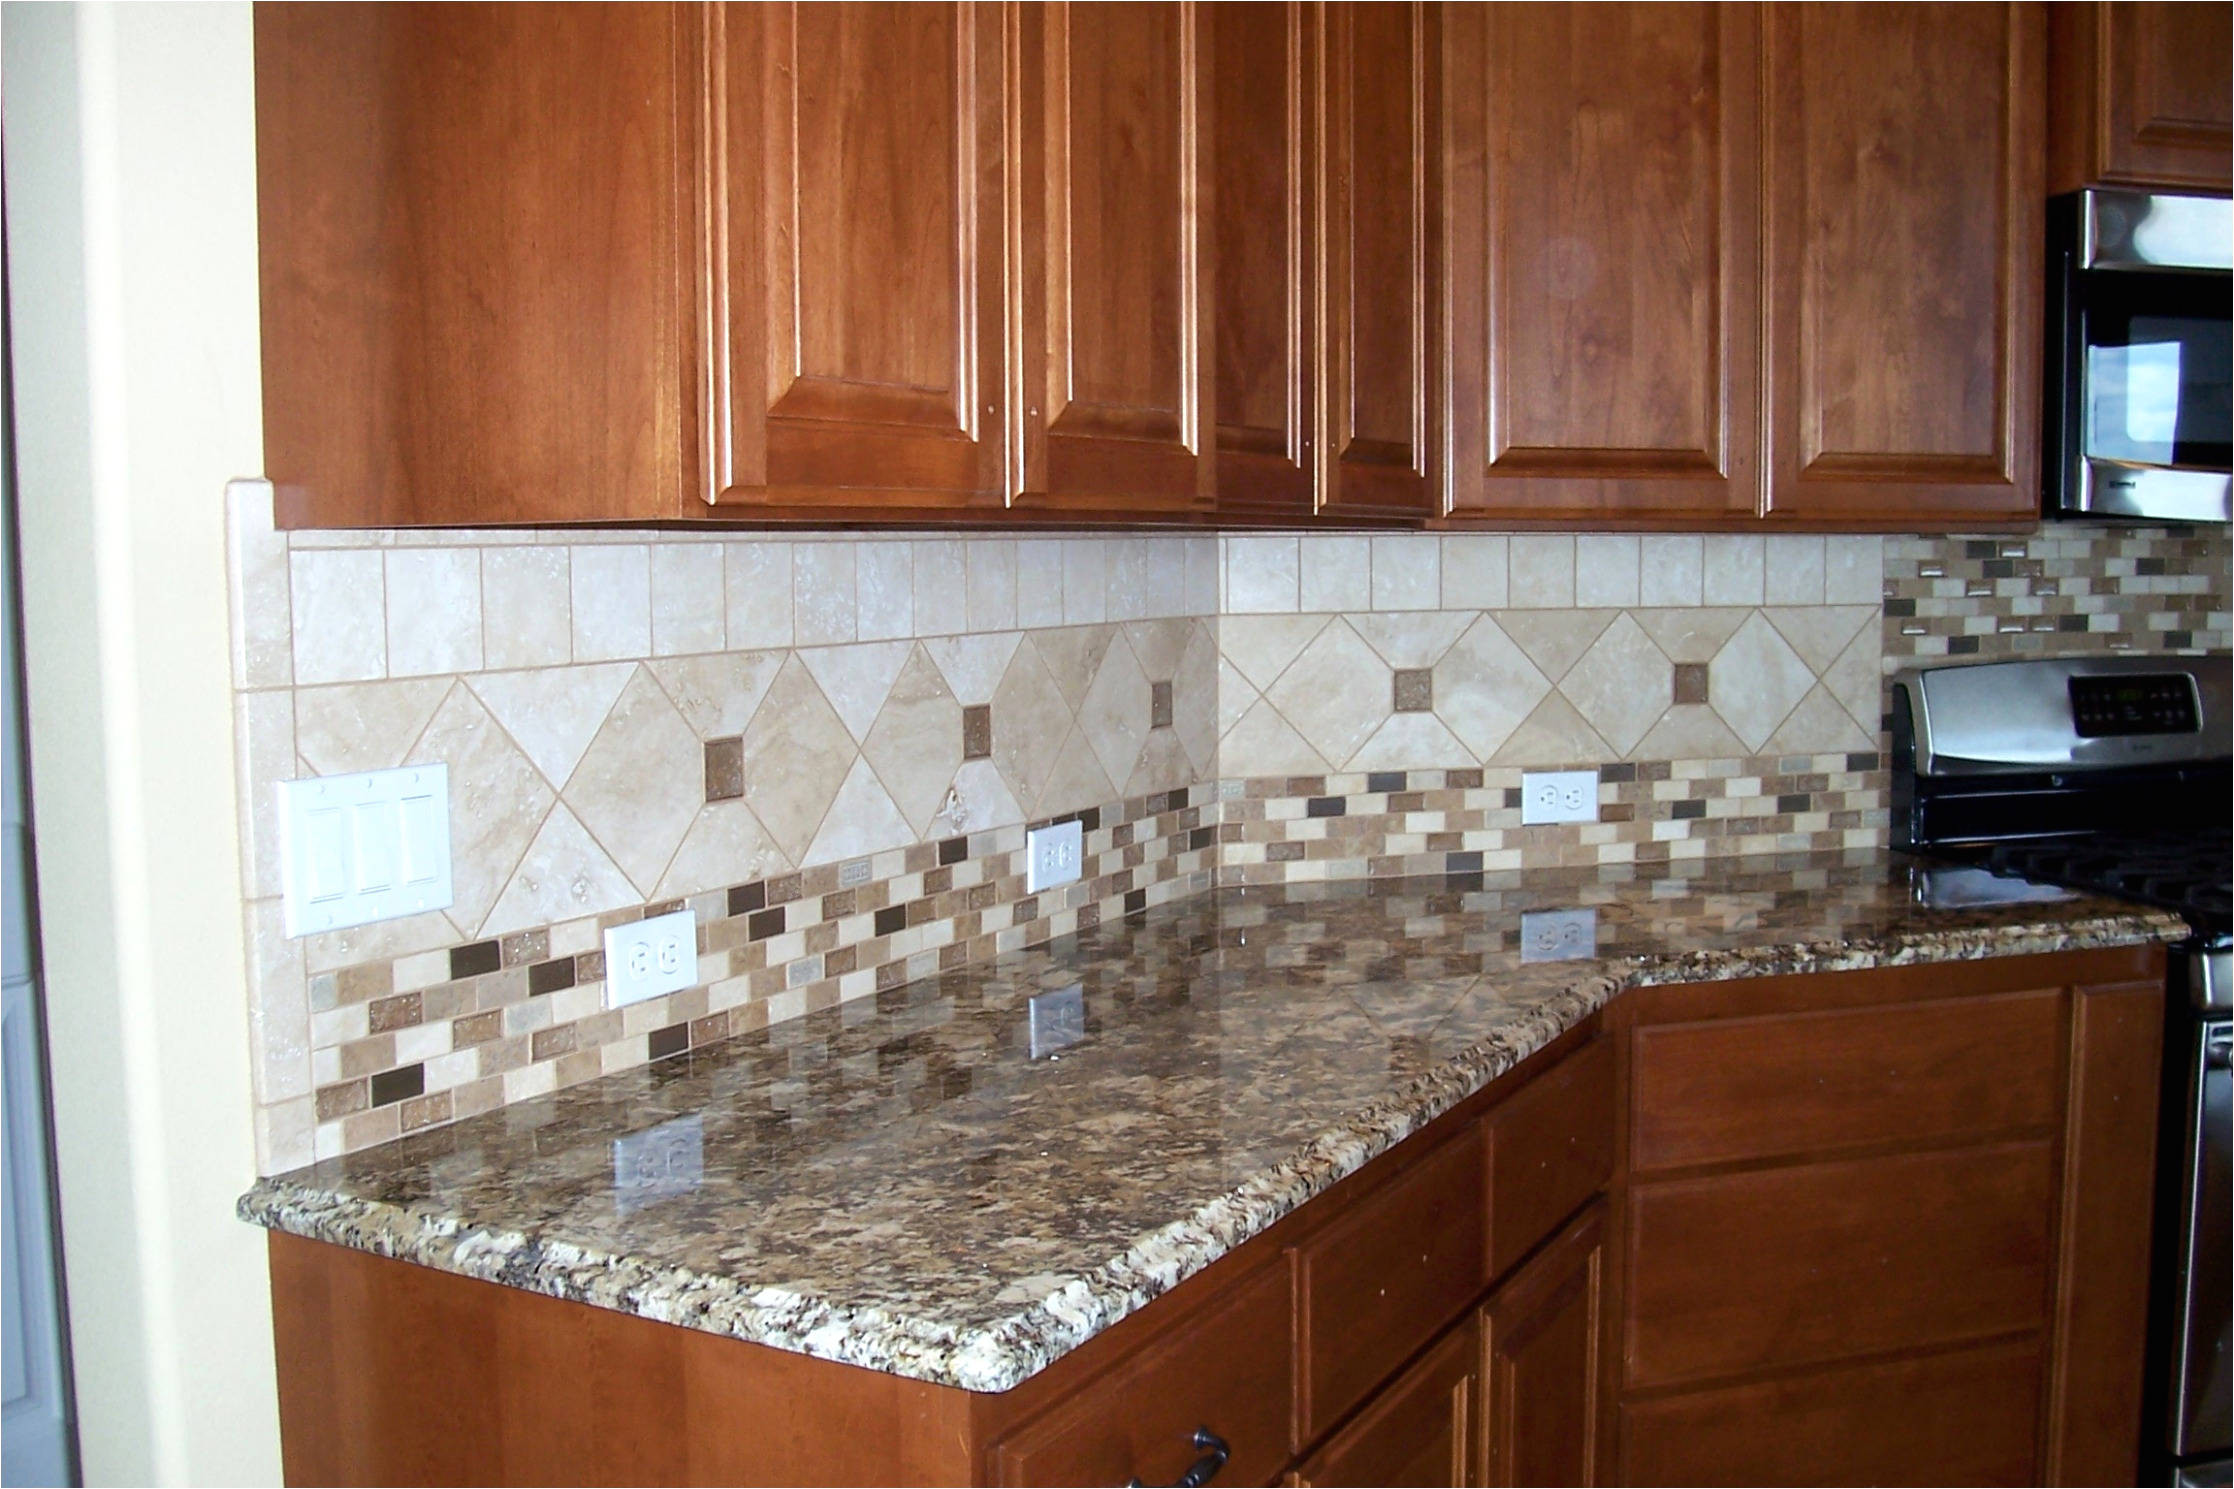 seafoam green granite countertops lovely stained glass mosaic tiles elegant 12 glass tile kitchen backsplash